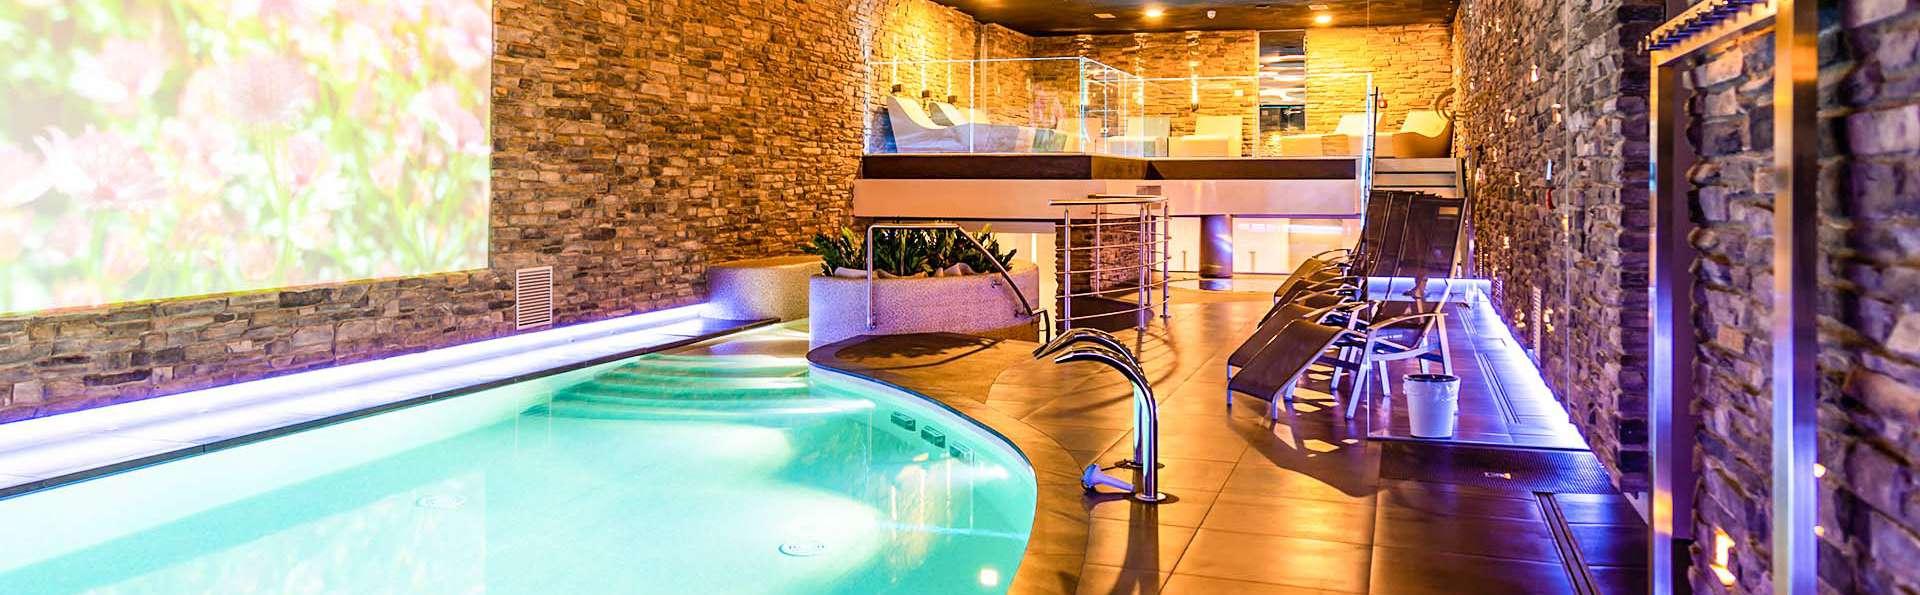 Week-end bien-être avec spa dans un élégant hôtel à deux pas de Portofino